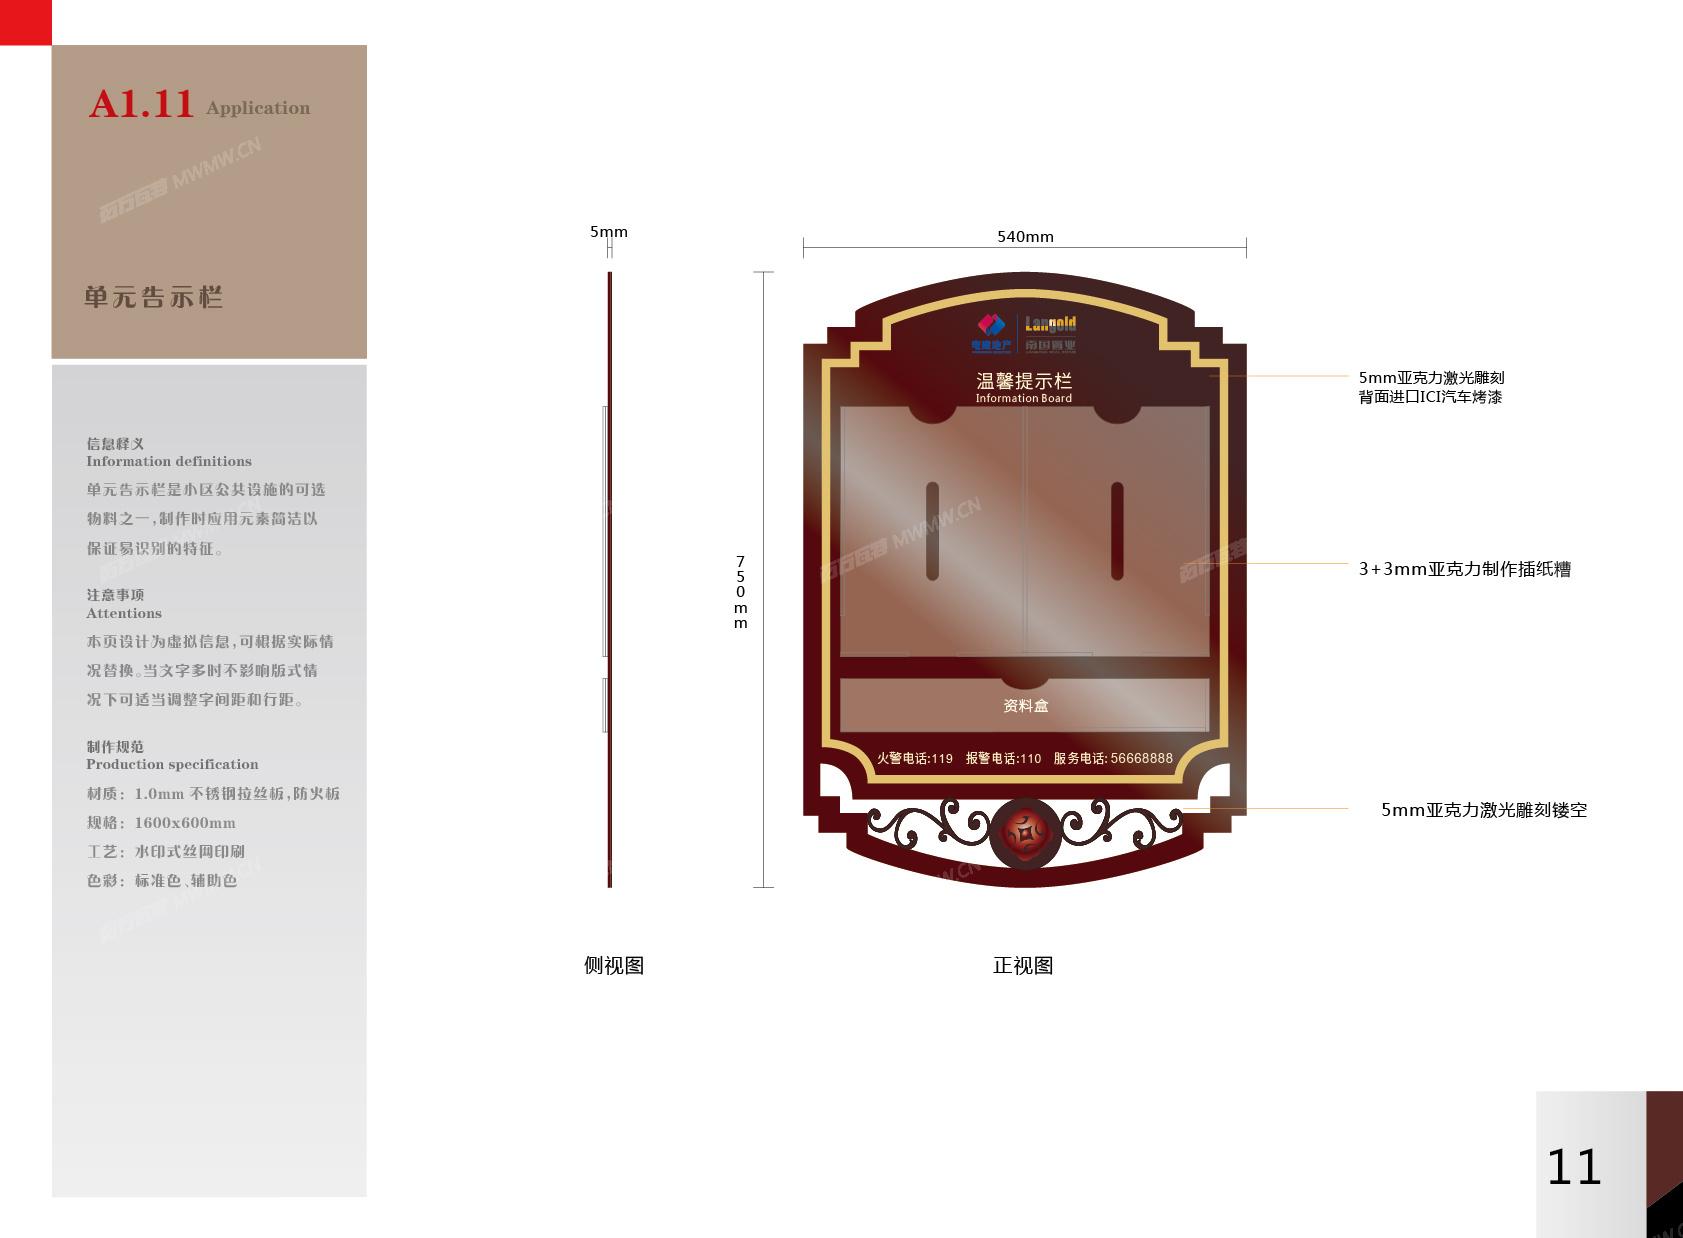 泷悦华府环境导视系统设计方案3.0cs520180112-19.jpg